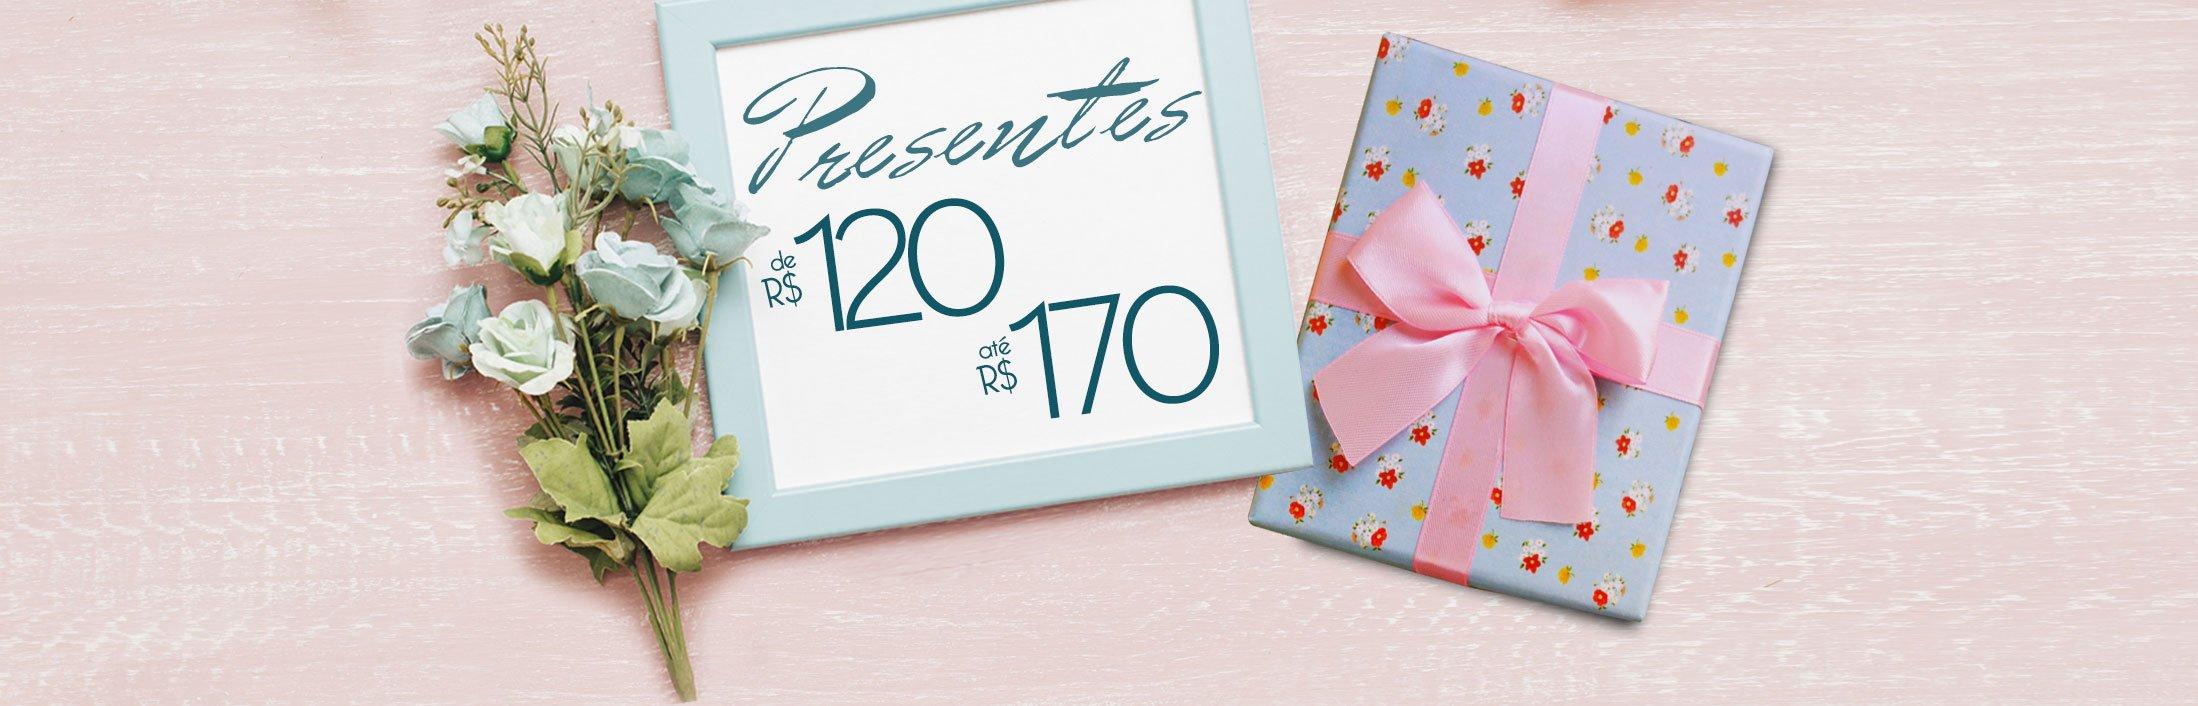 Presentes de R$120 à R$170